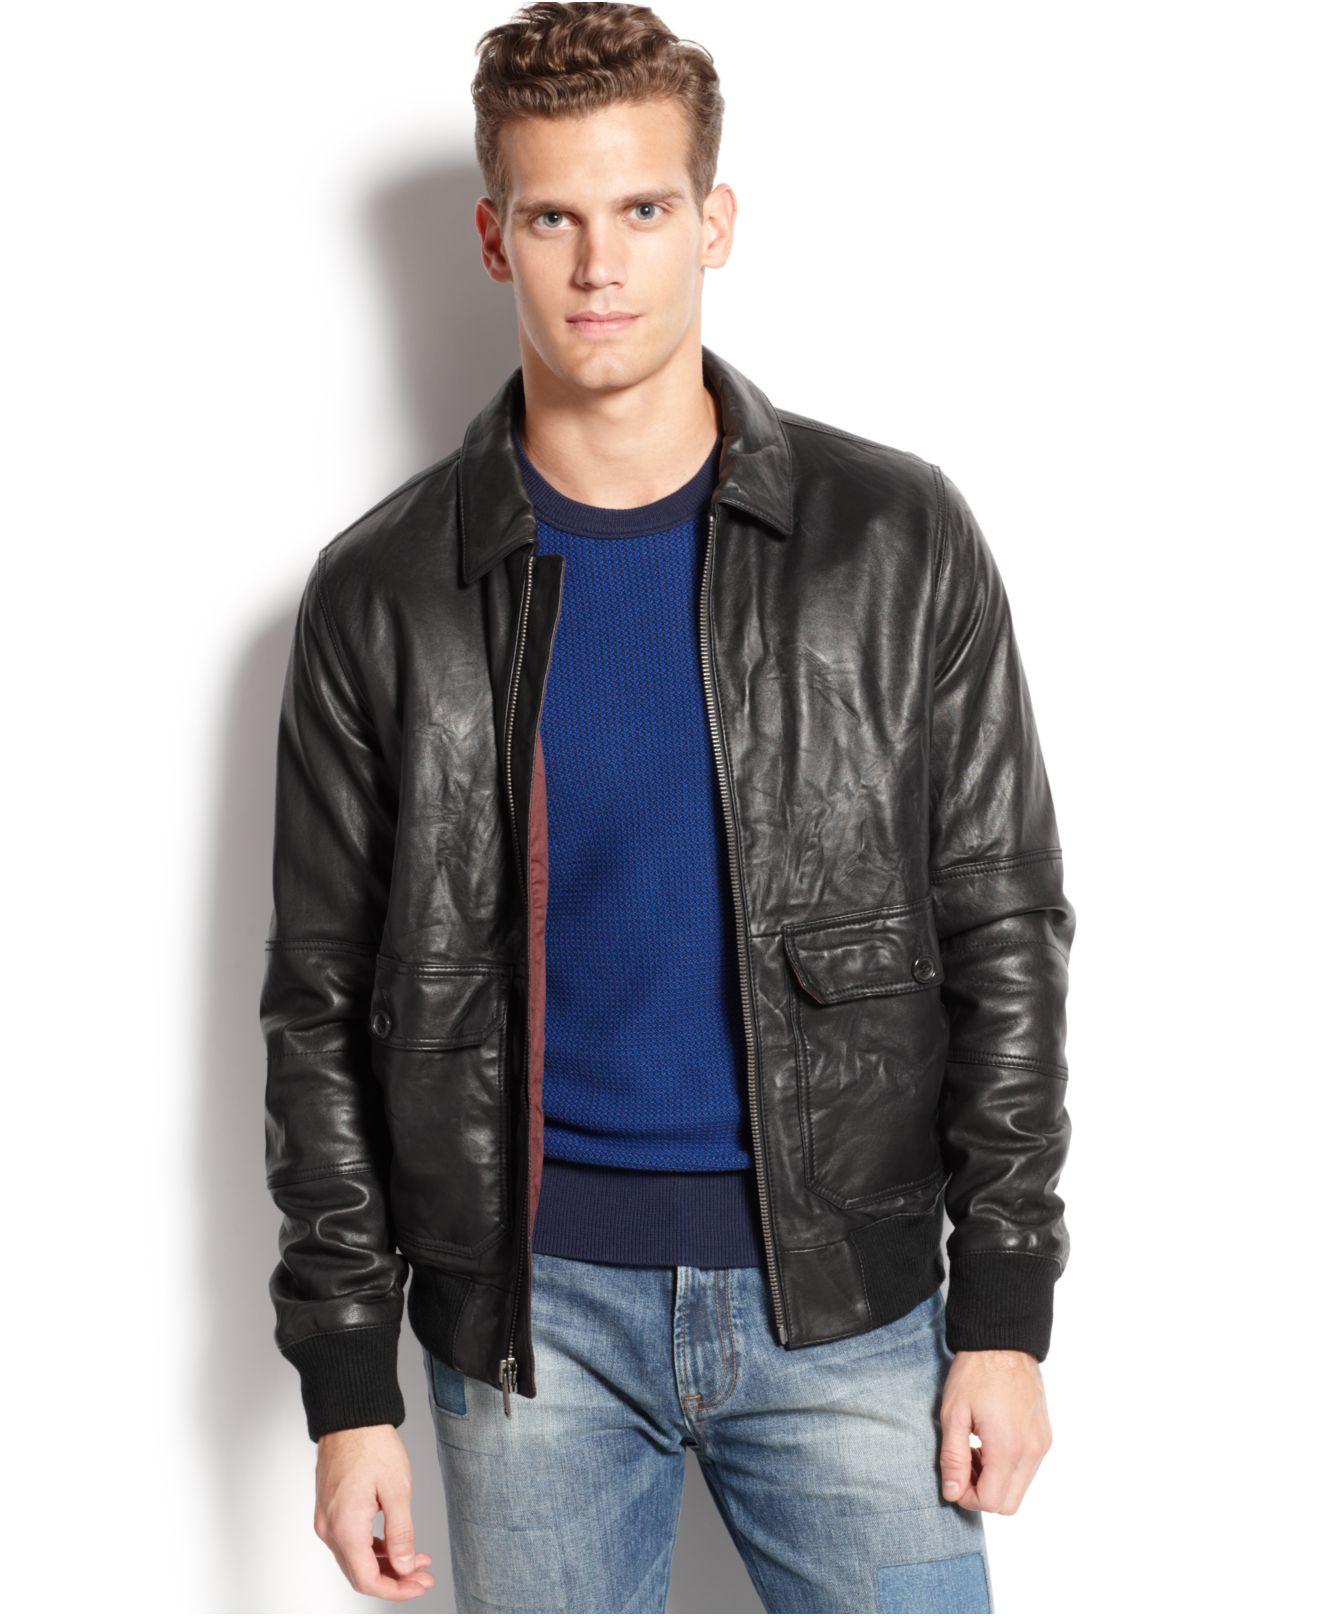 tommy hilfiger cambridge leather jacket in black for men. Black Bedroom Furniture Sets. Home Design Ideas